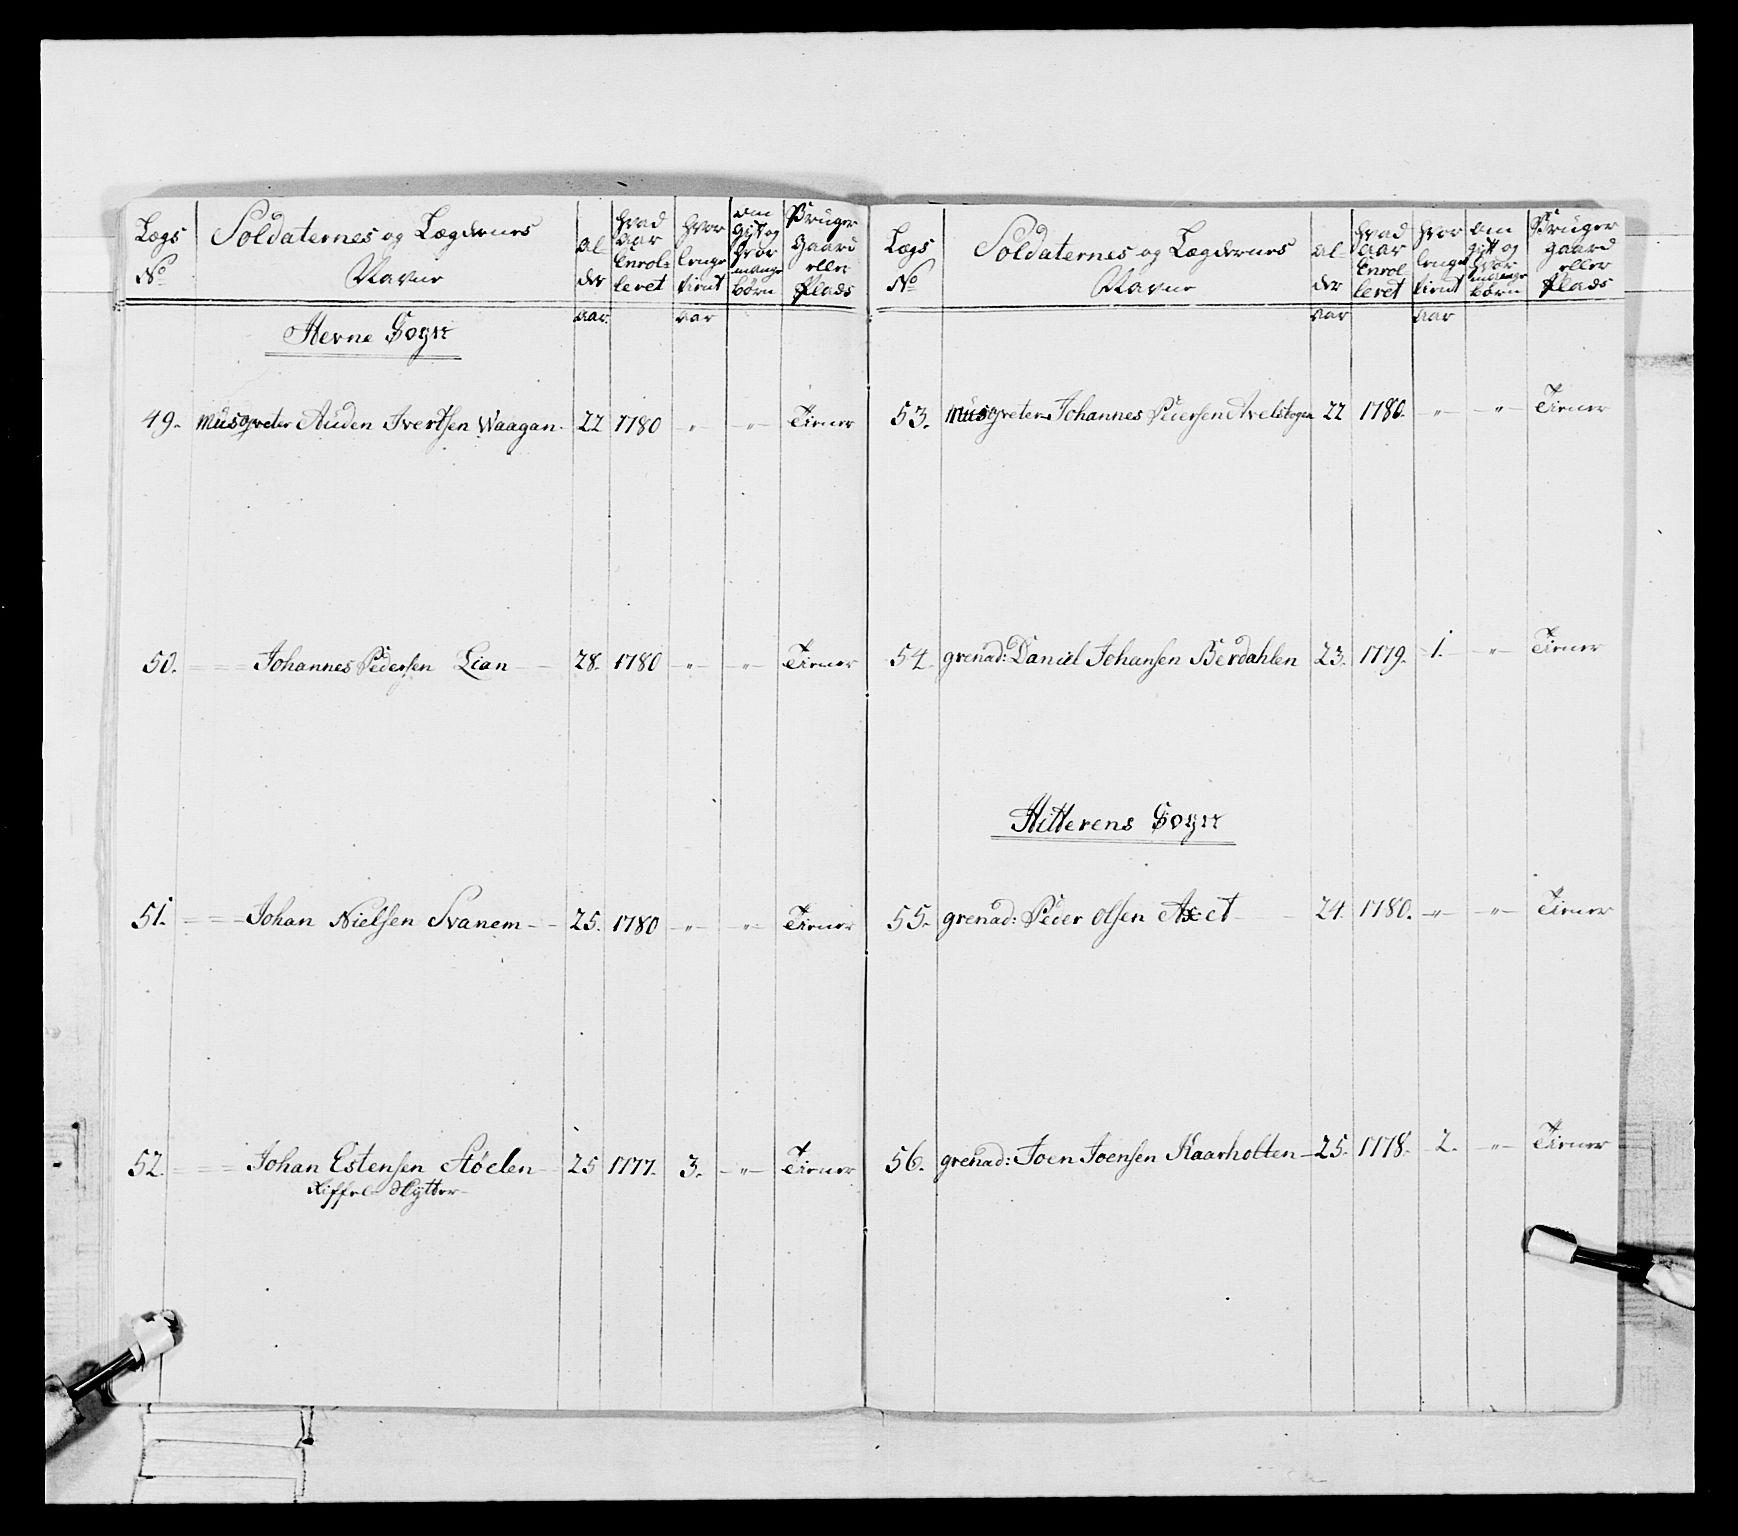 RA, Generalitets- og kommissariatskollegiet, Det kongelige norske kommissariatskollegium, E/Eh/L0087: 3. Trondheimske nasjonale infanteriregiment, 1780, s. 175